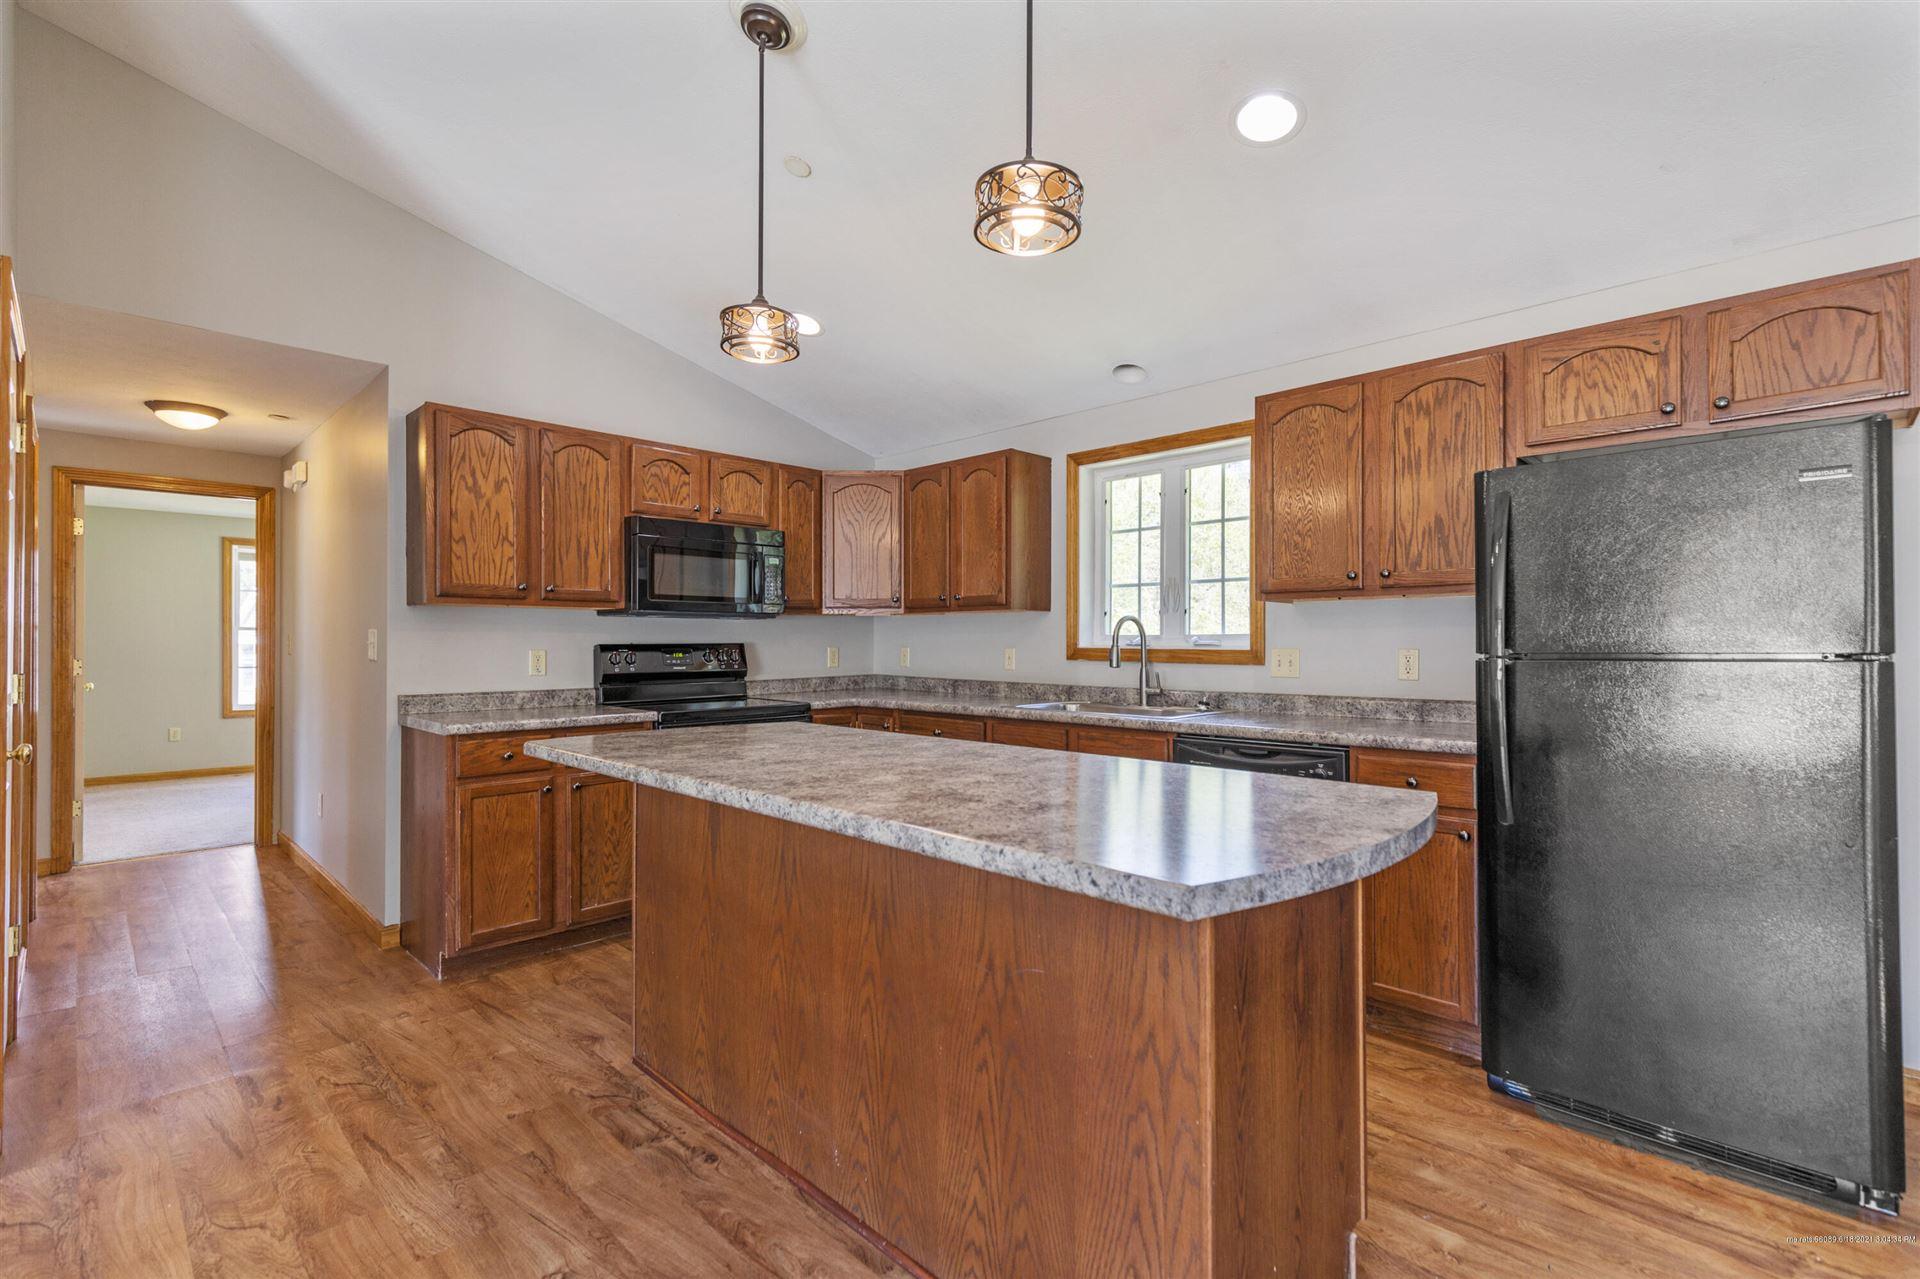 Photo of 31 Redwood Lane, Sanford, ME 04073 (MLS # 1491594)